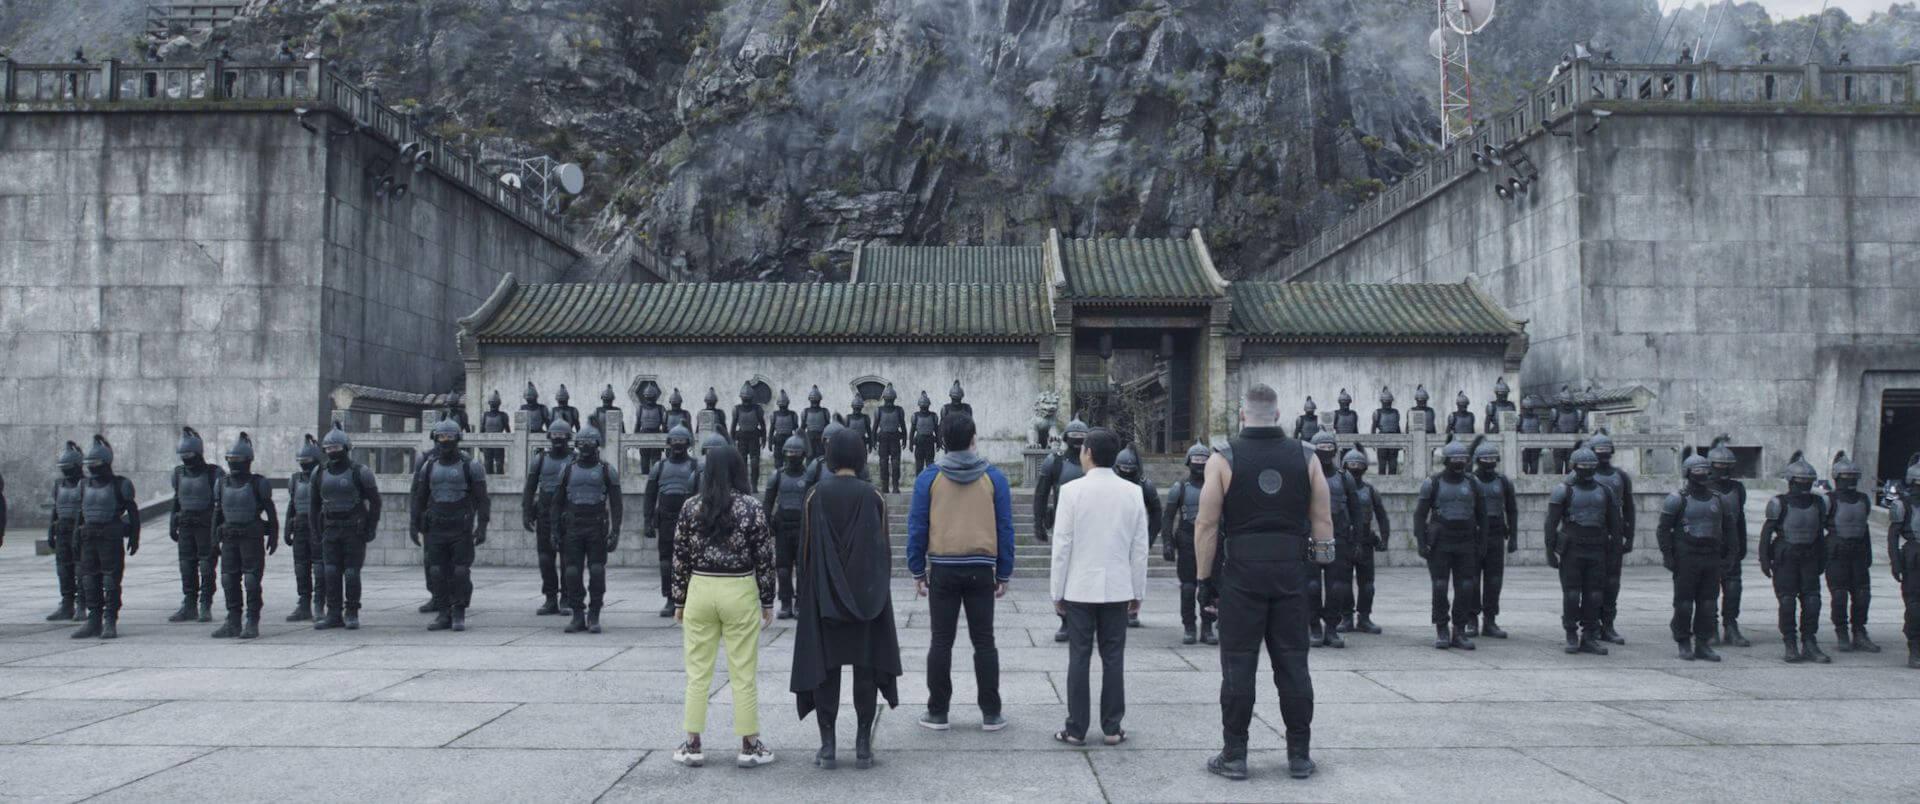 シャン・チーが過激なバトルで魅せる!マーベル・スタジオ最新作『シャン・チー/テン・リングスの伝説』の新場面写真12点が一挙解禁 film210721_shang_chi_6